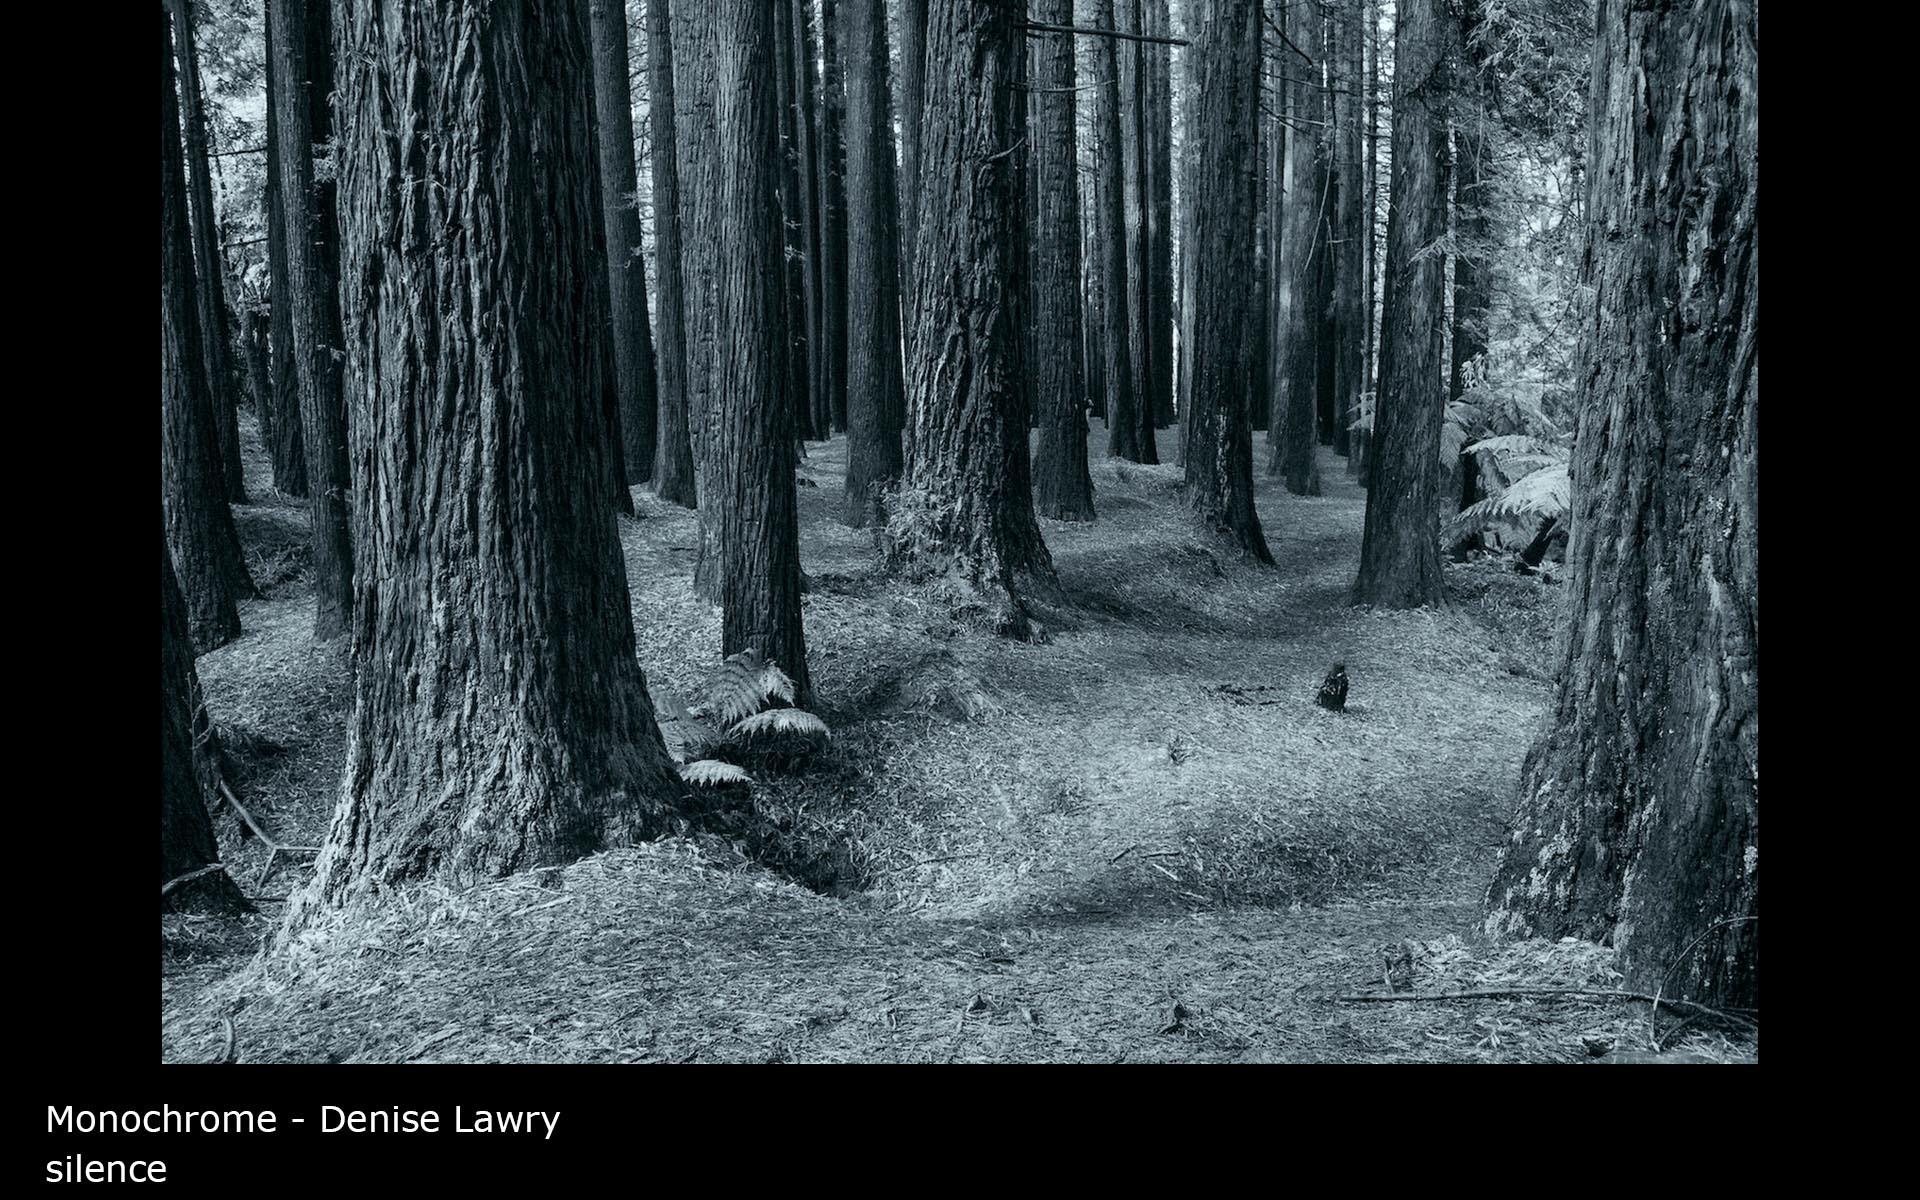 silence - Denise Lawry